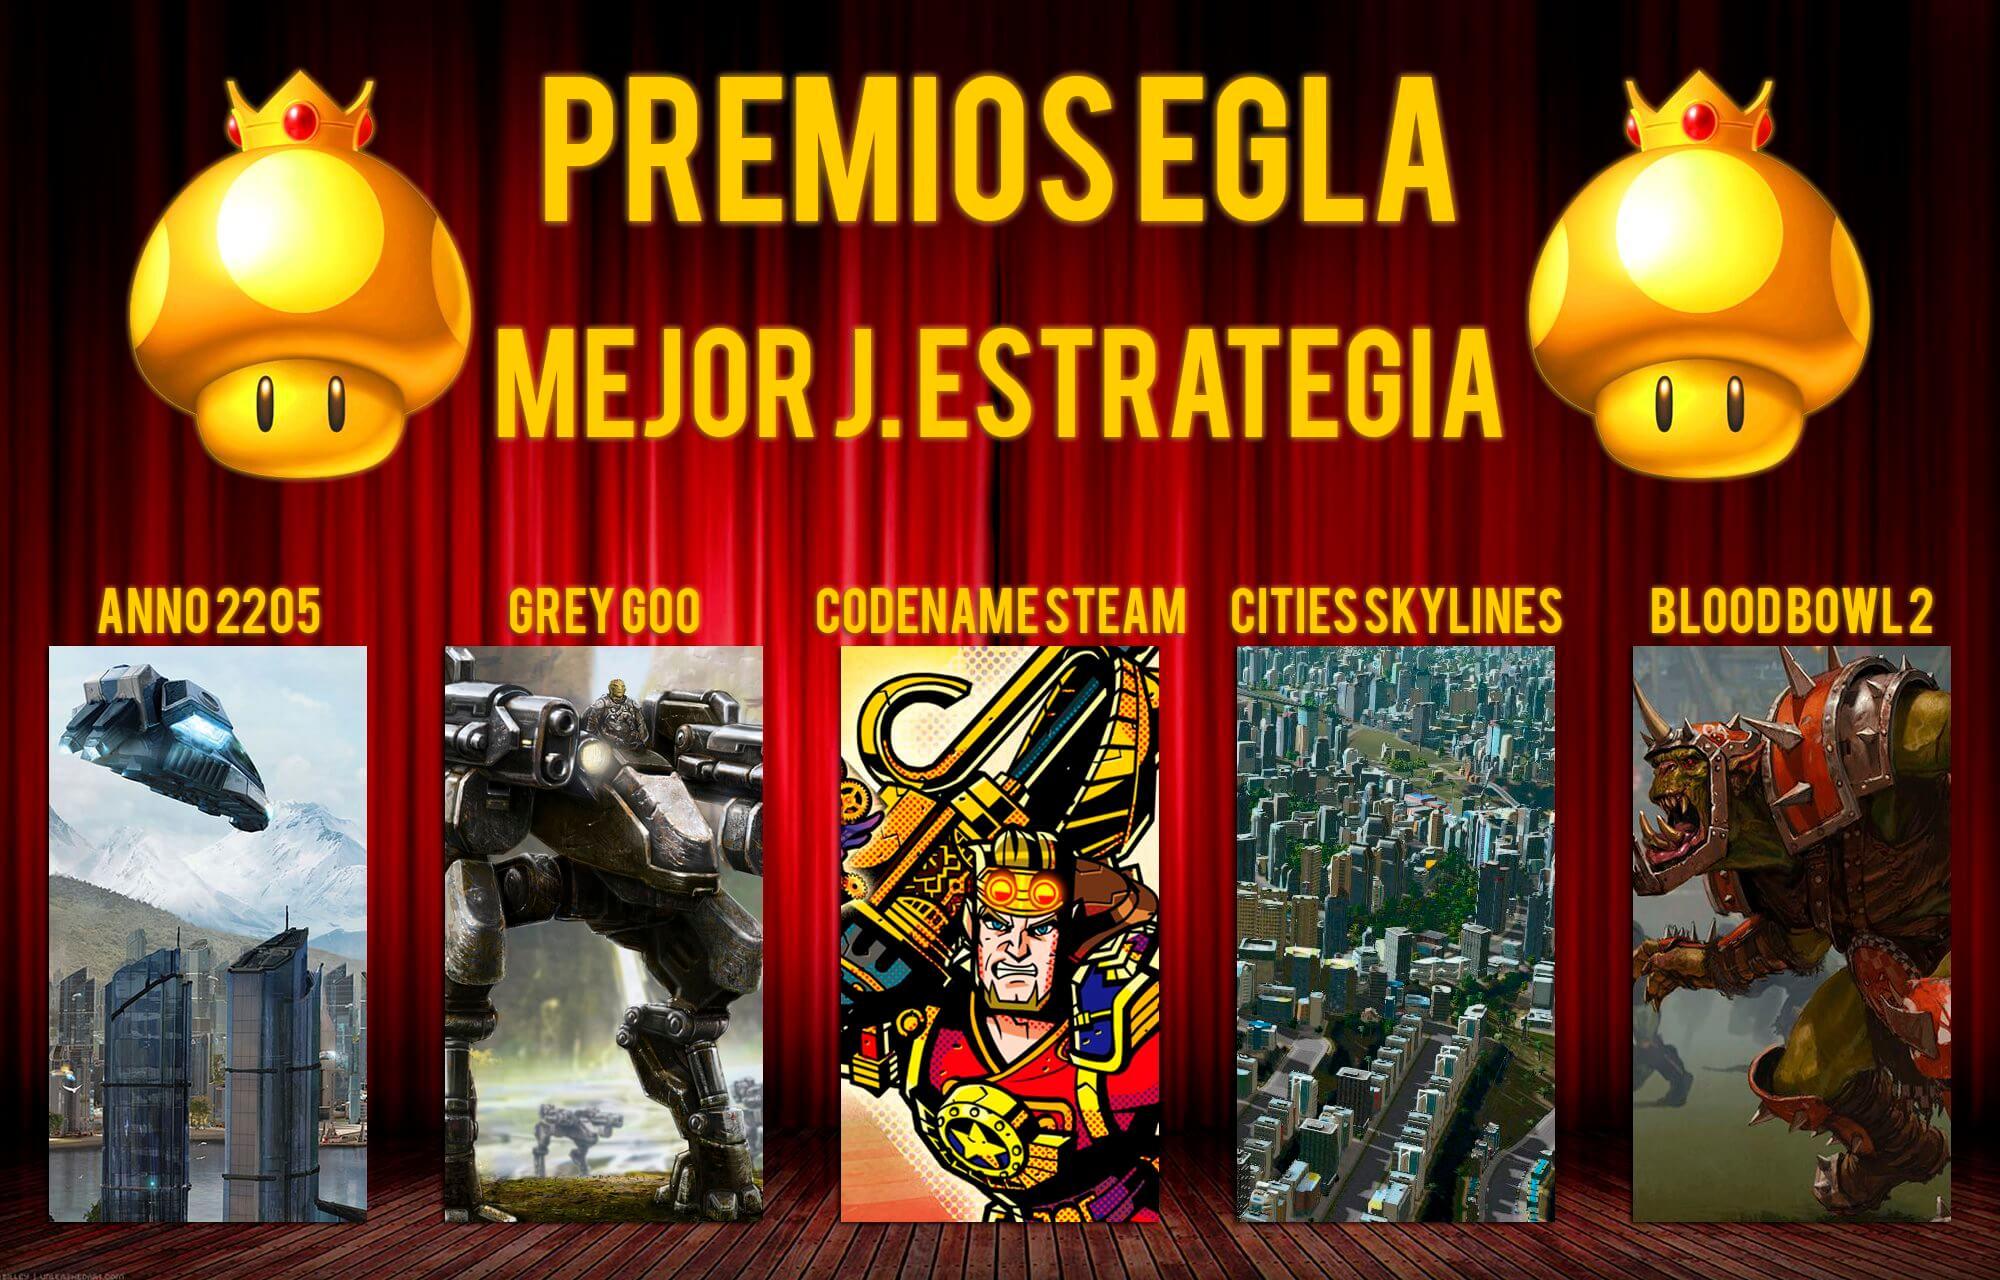 Premios EGLA 2015 Mejor juego de estrategia